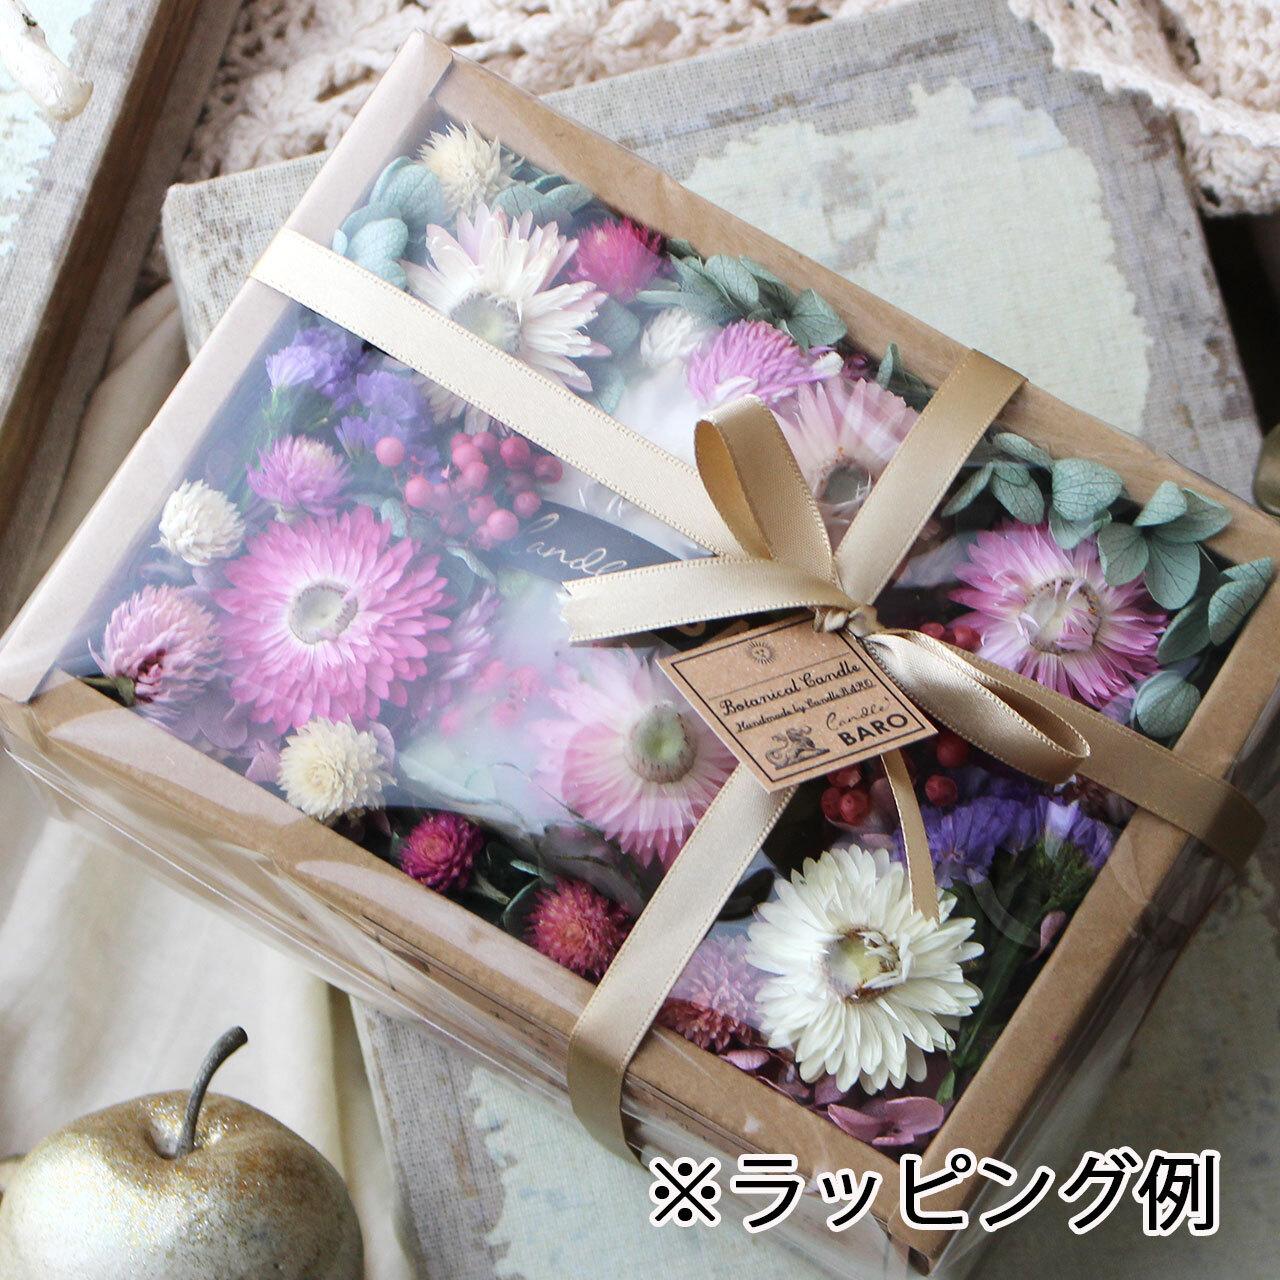 H486 透明ラッピング&紙袋付き☆ボタニカルキャンドルギフト ヘリクリサム